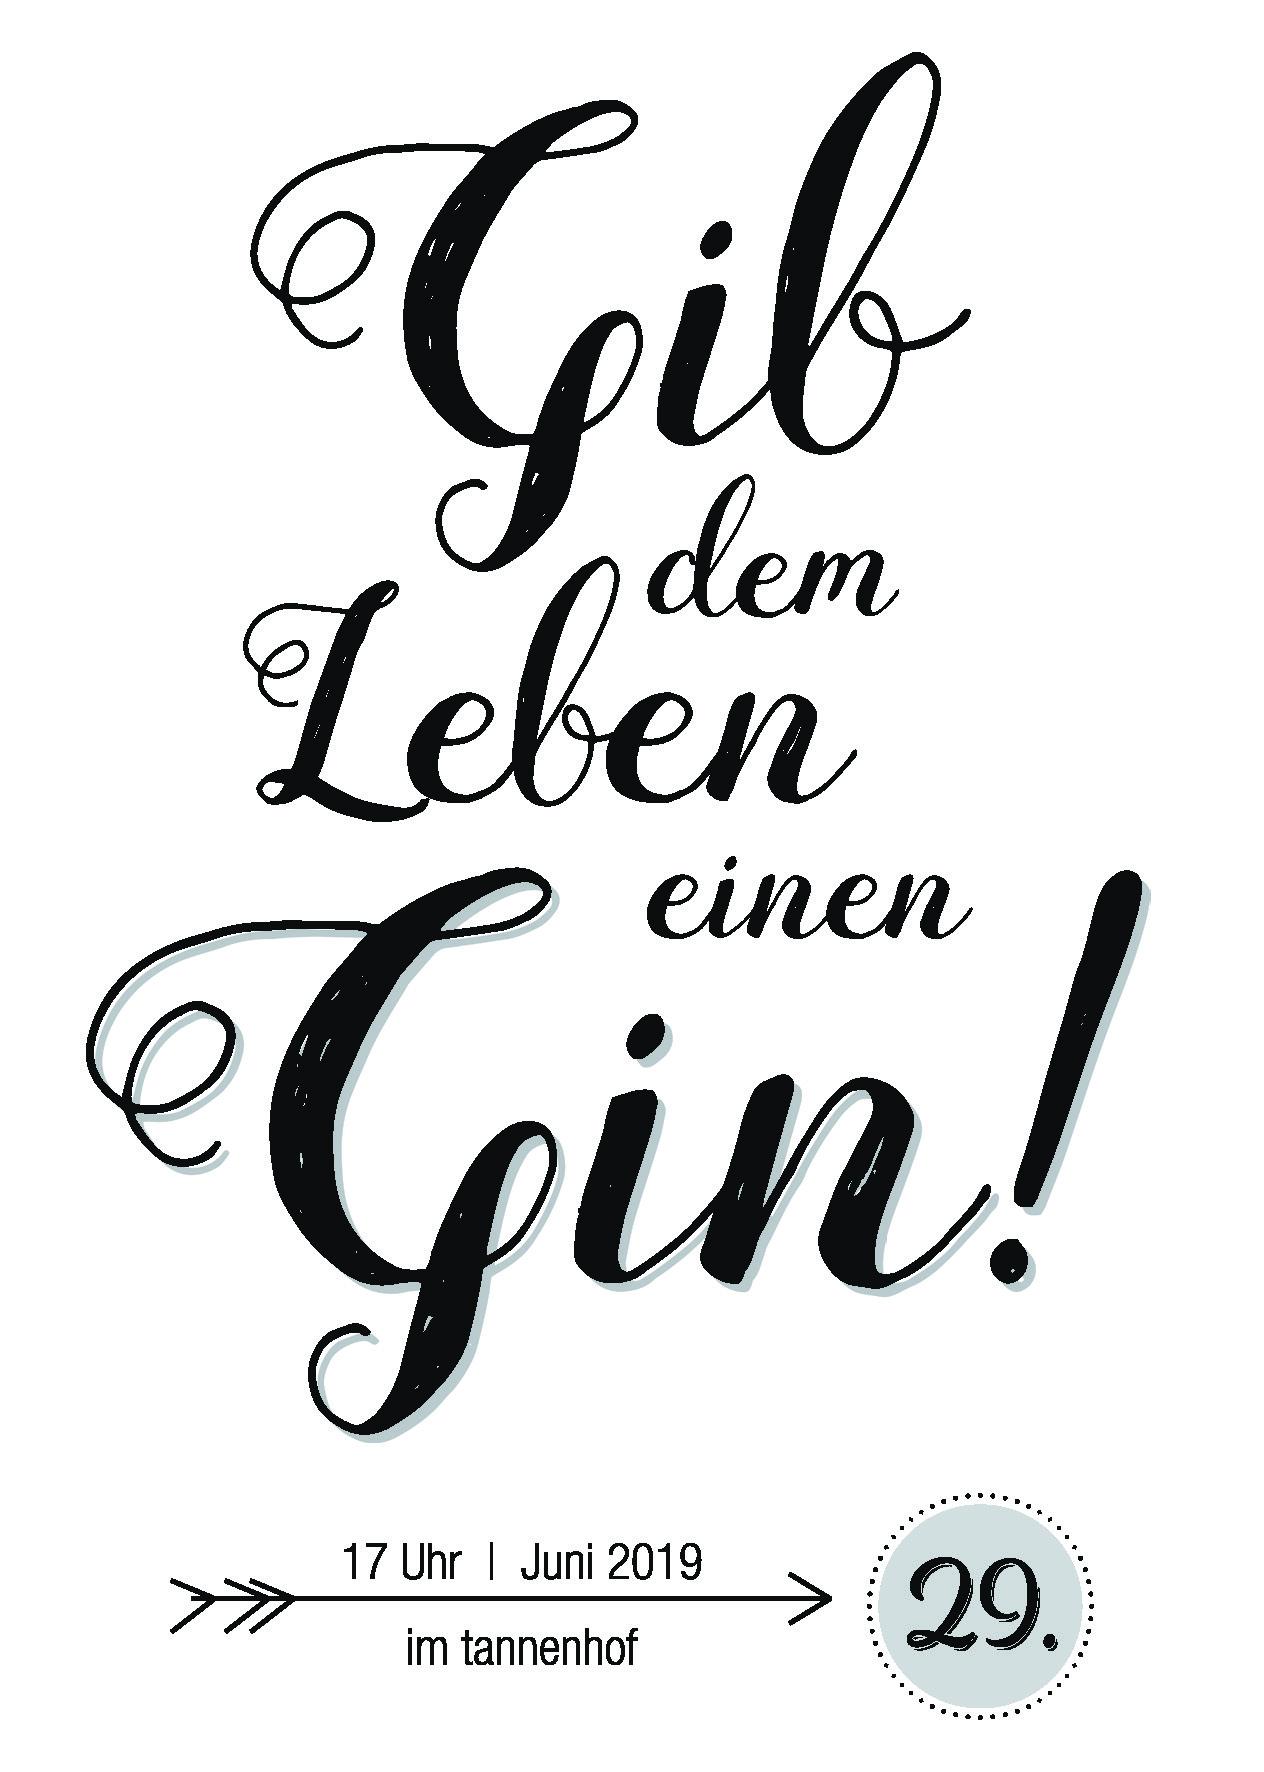 Gin Tasting Naturresort tannenhof